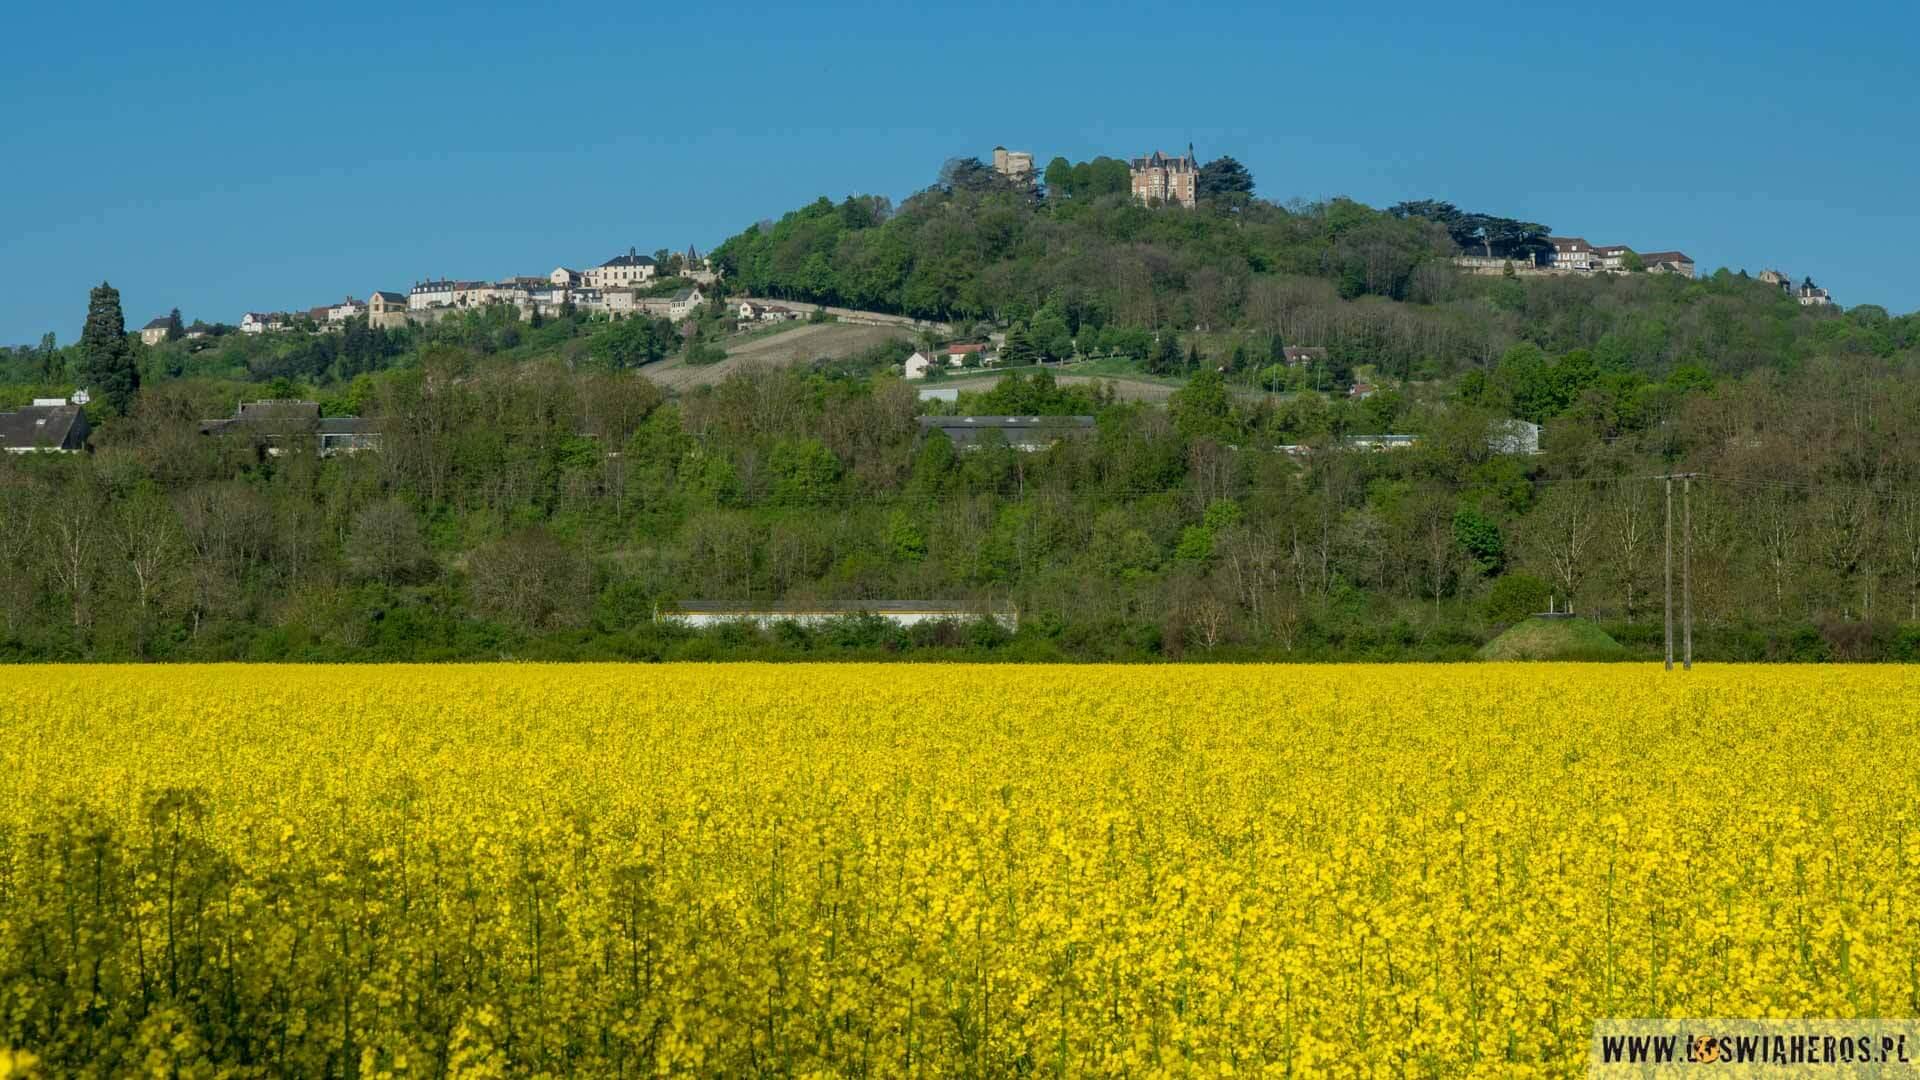 Wzgórze Sancerre słynie przede wszystkim zesmakowitego wina